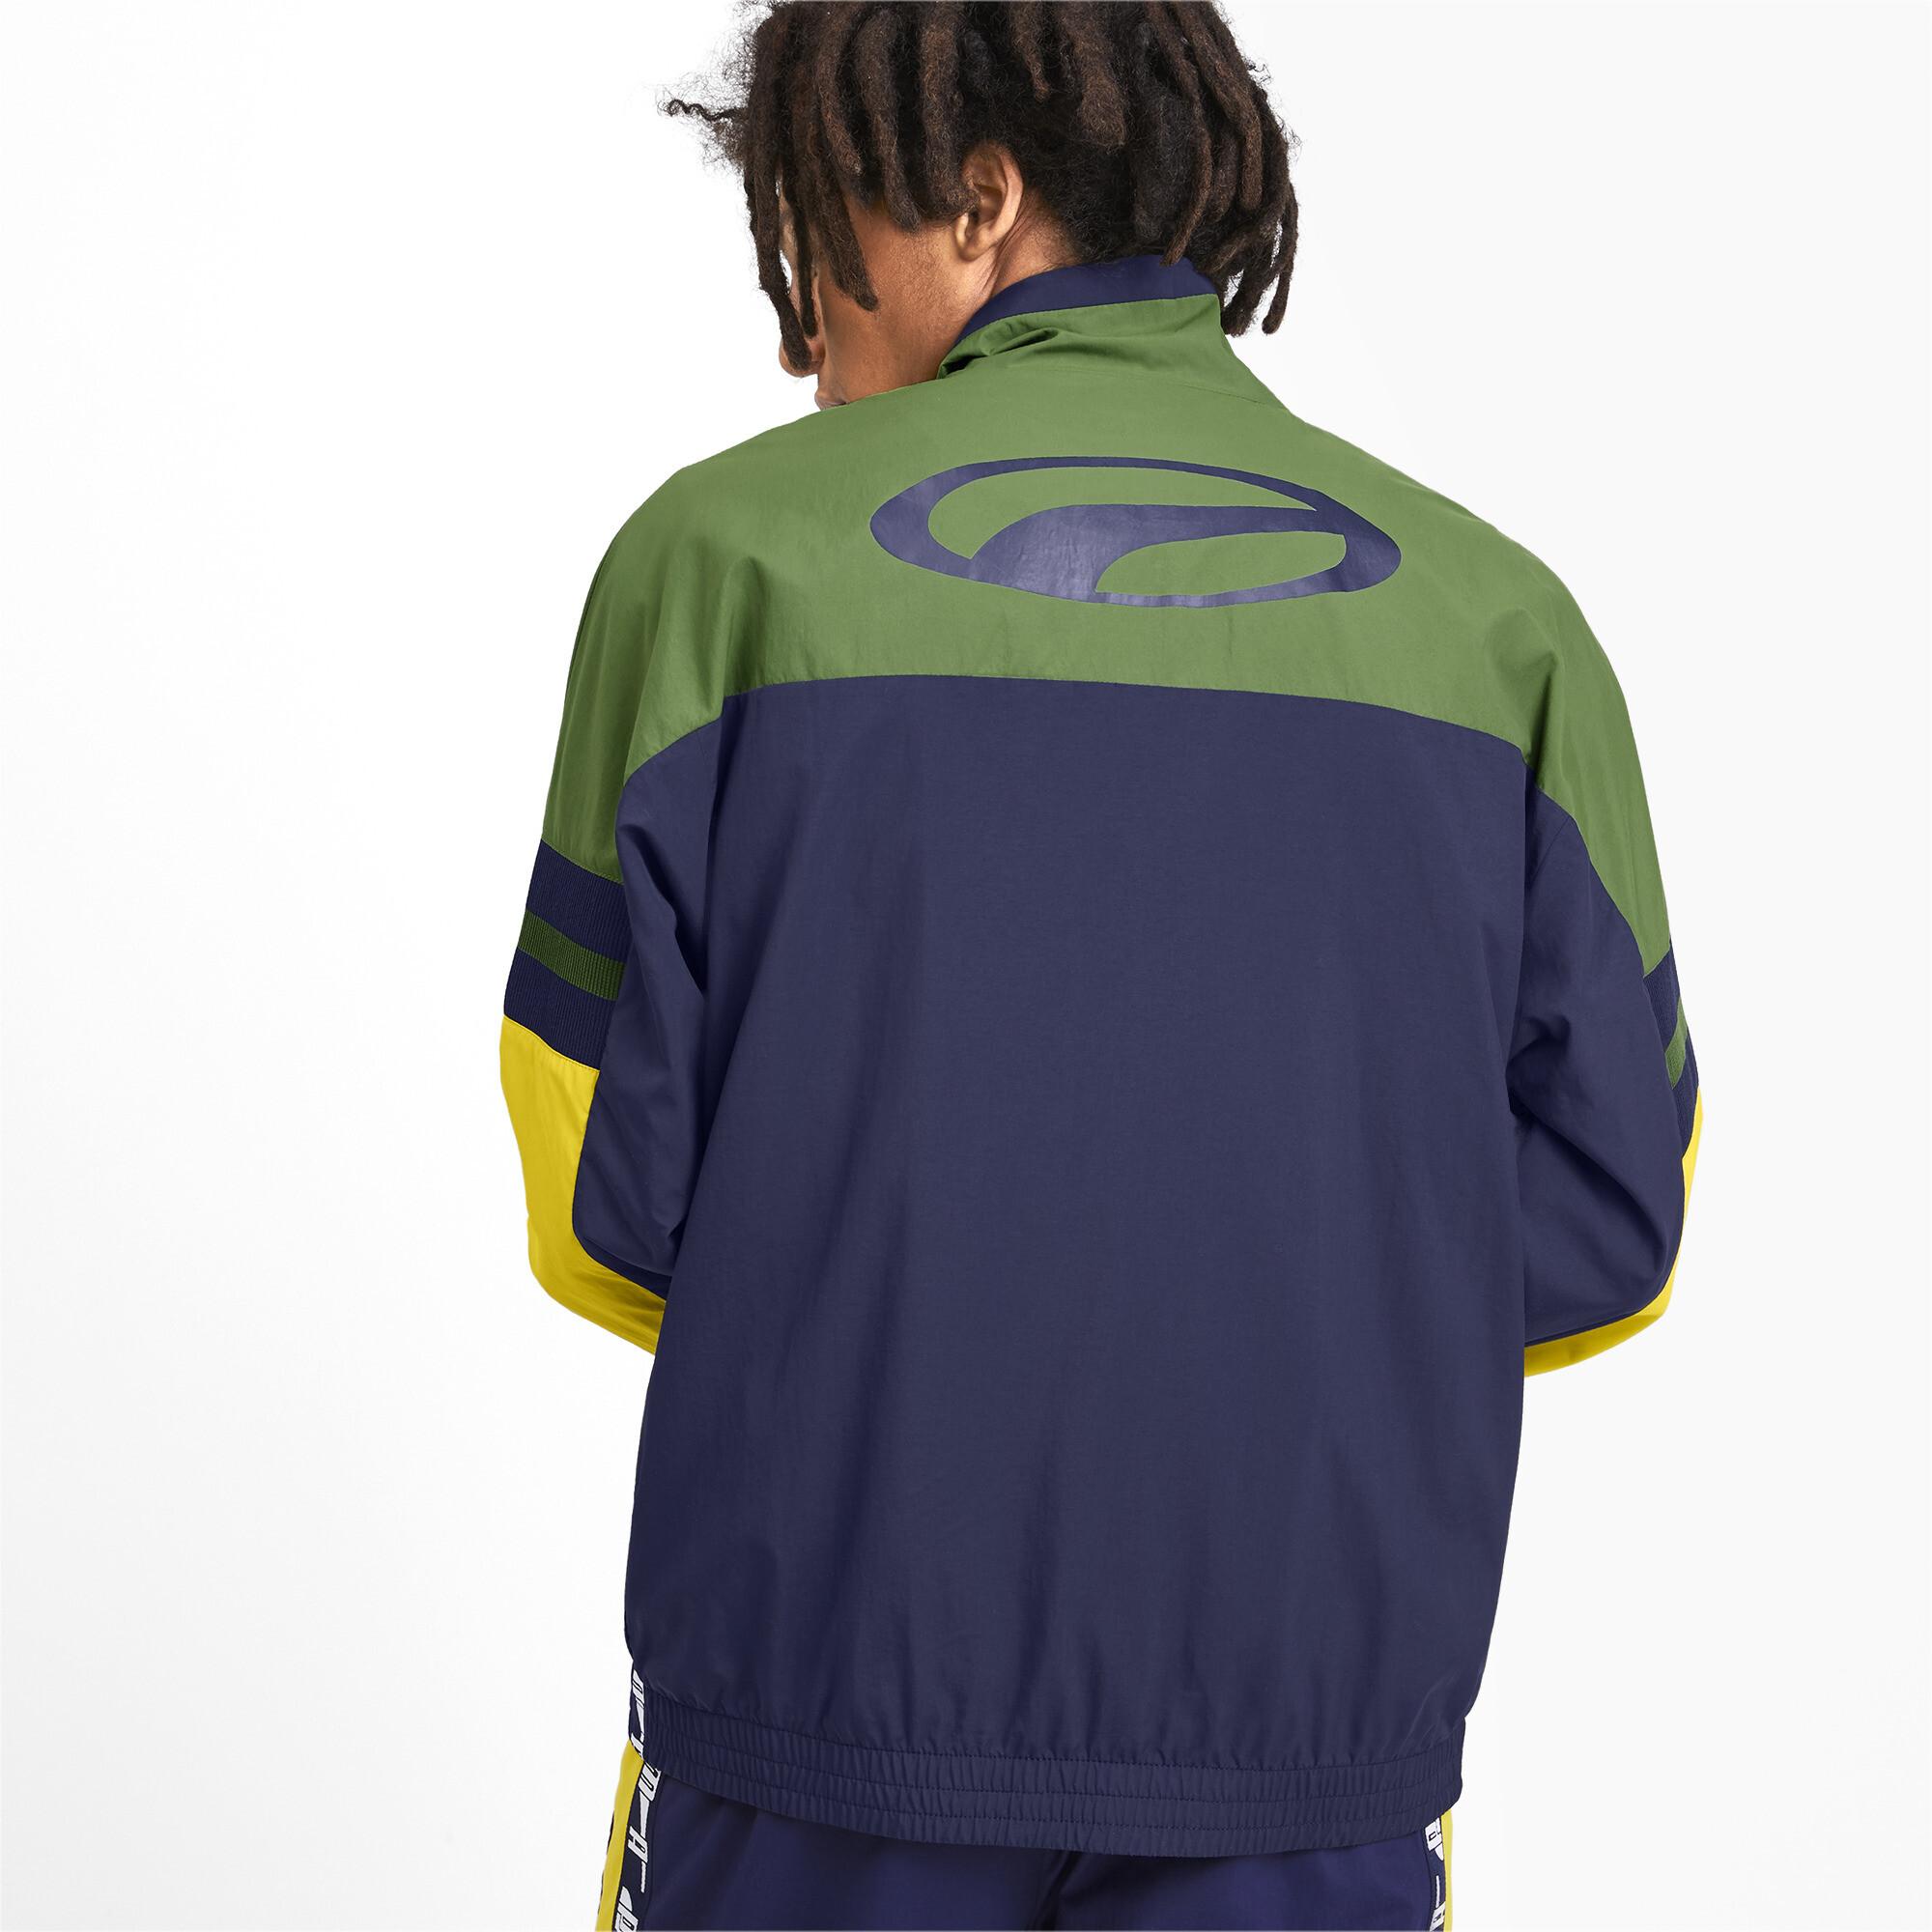 PUMA-PUMA-XTG-Men-039-s-Woven-Jacket-Men-Track-Jacket-Sport-Classics thumbnail 5